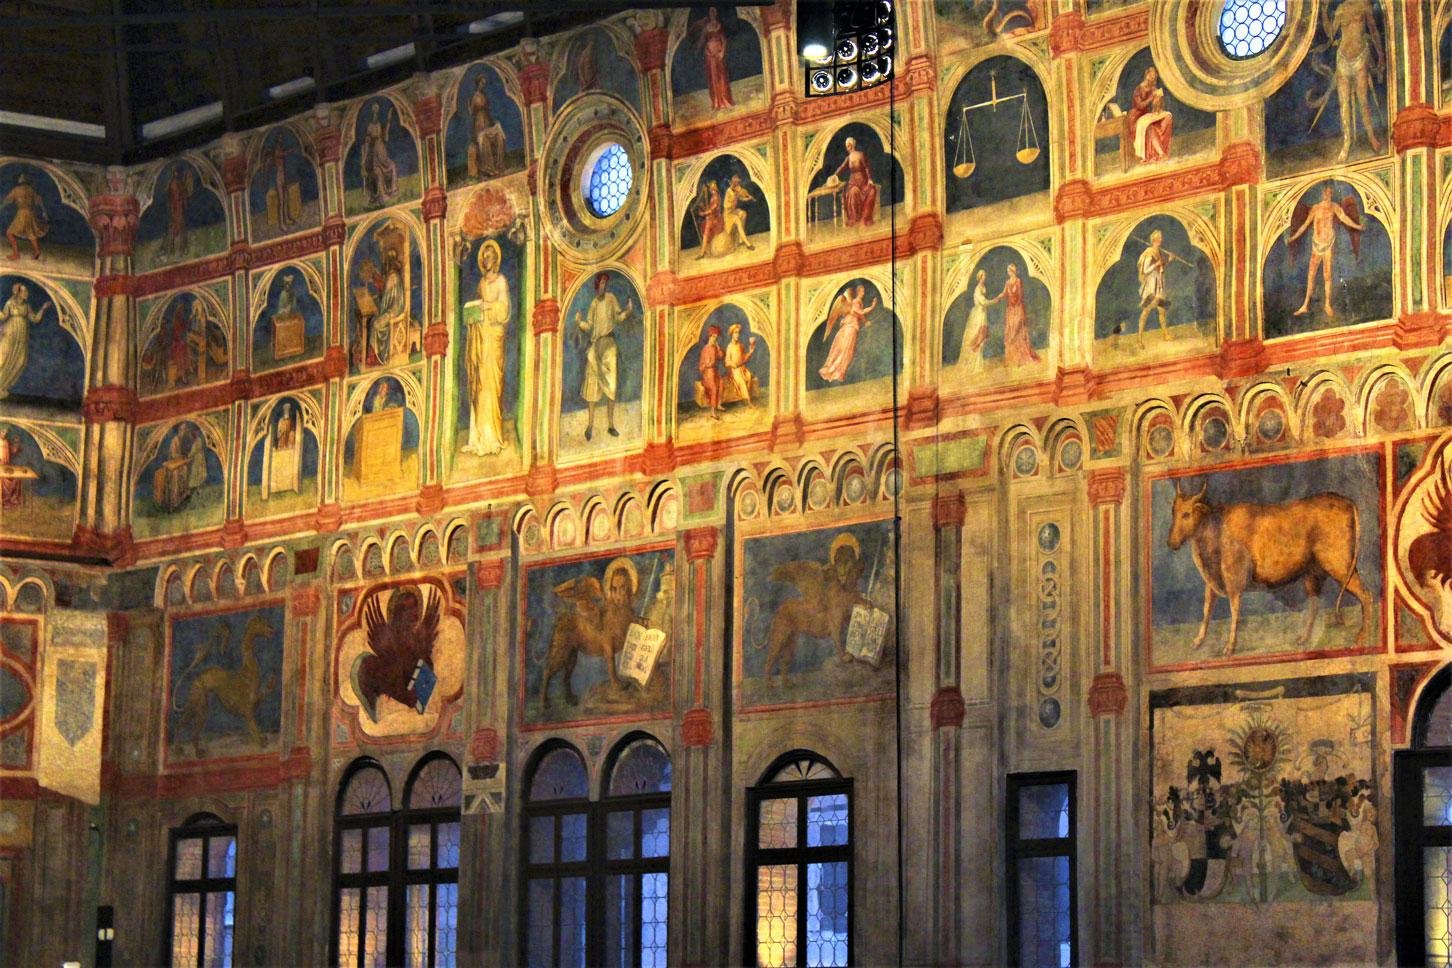 Padua-Frescoes-Palazzo-della-Ragione